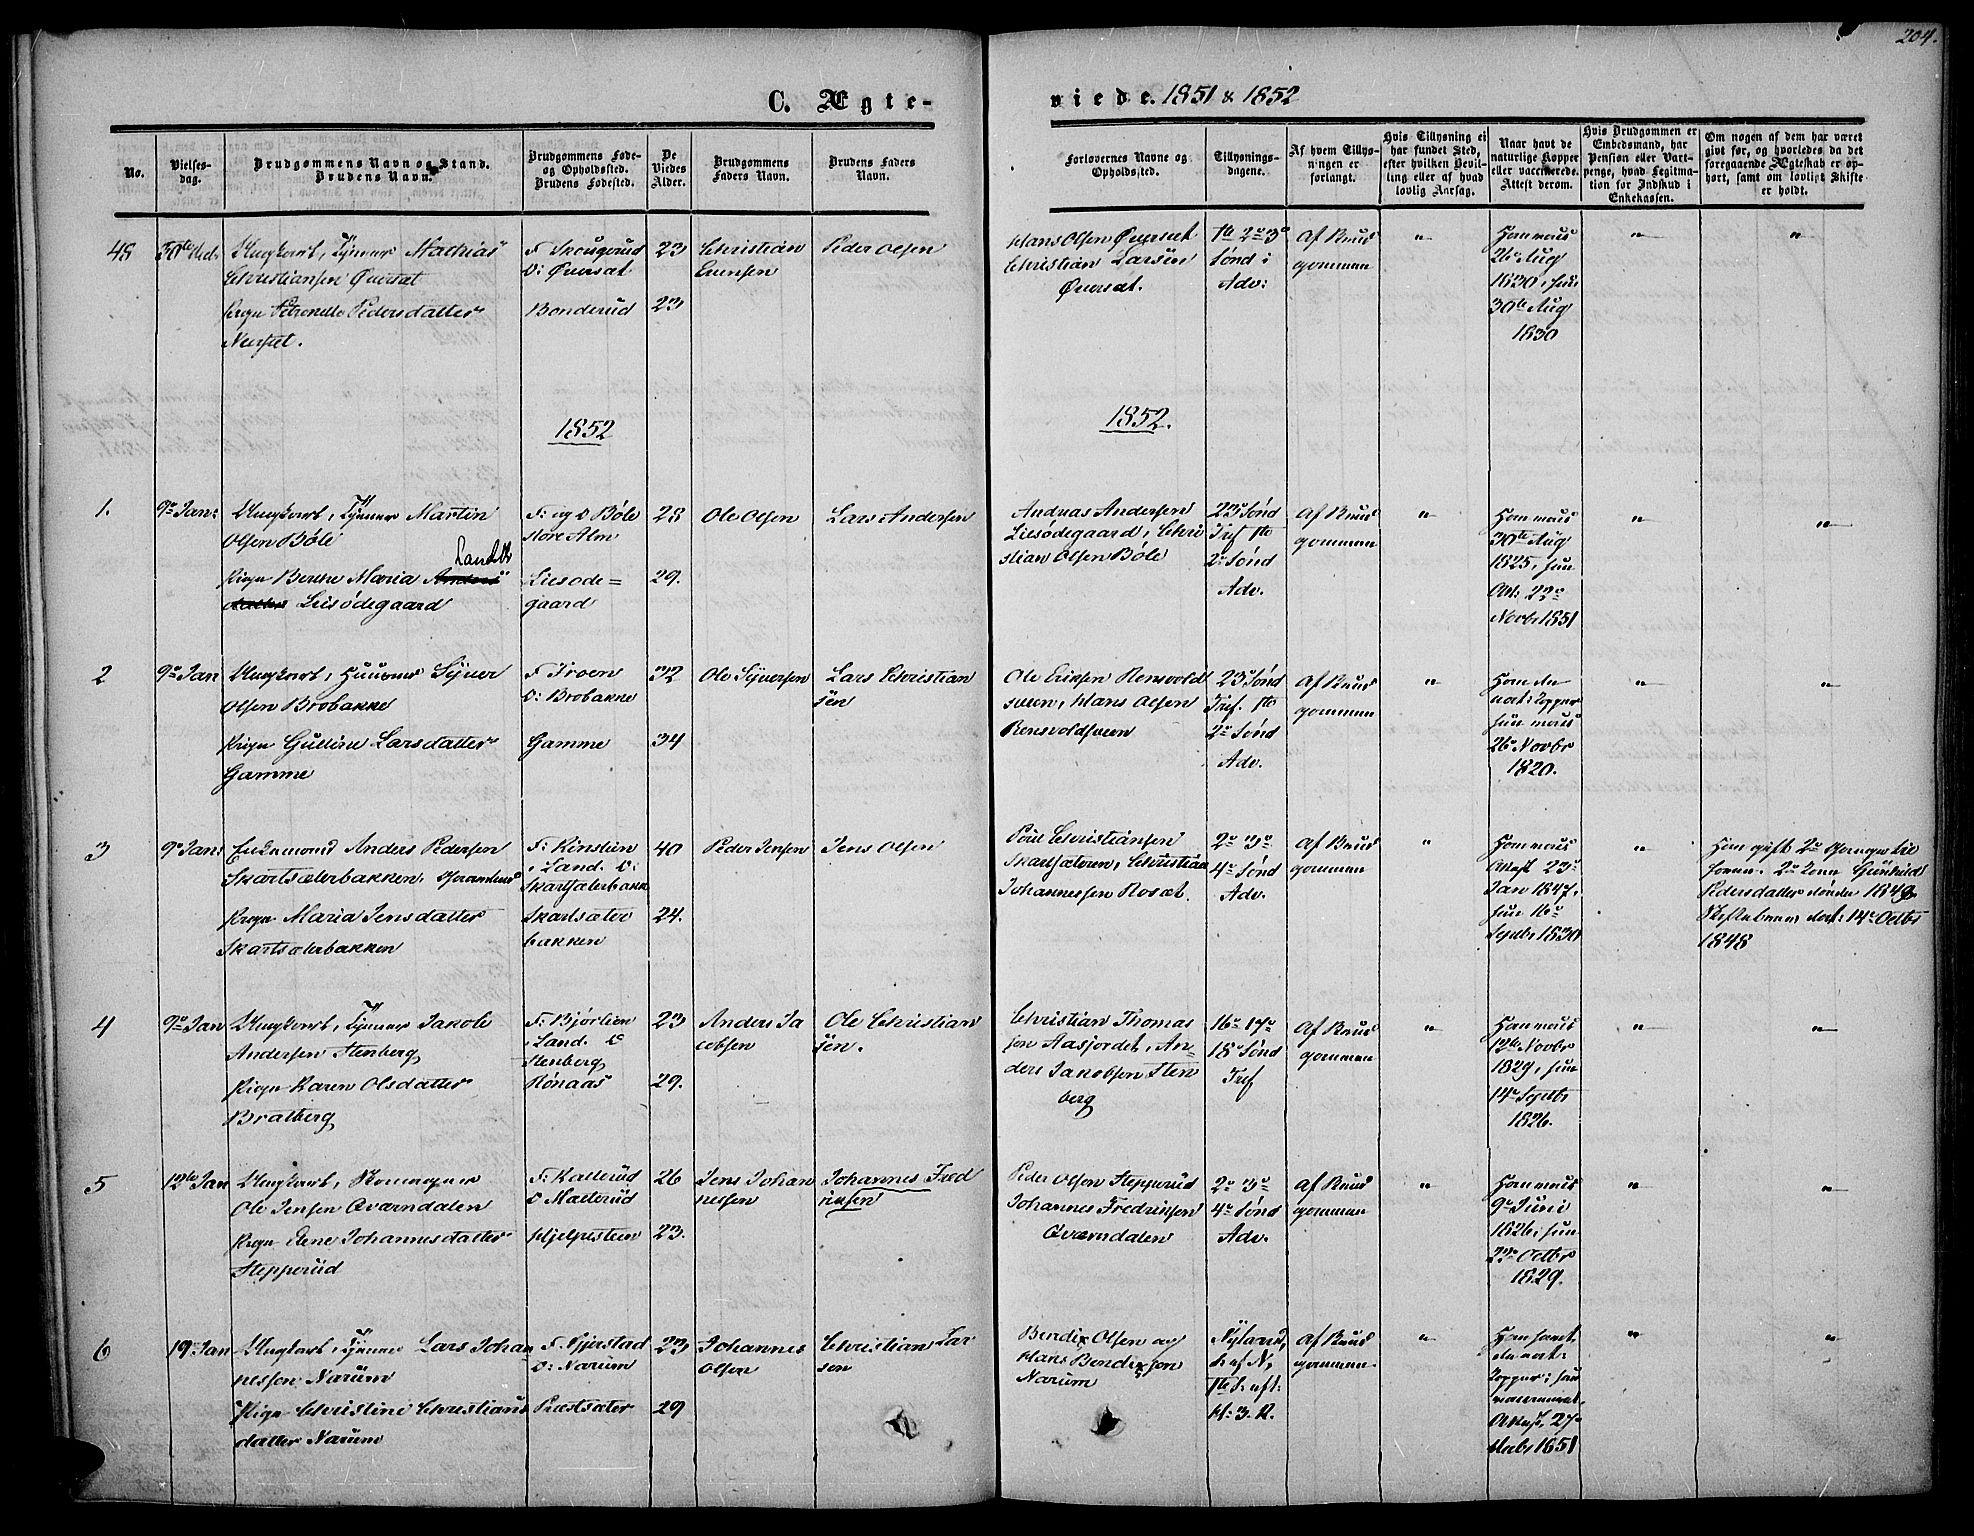 SAH, Vestre Toten prestekontor, Ministerialbok nr. 5, 1850-1855, s. 204